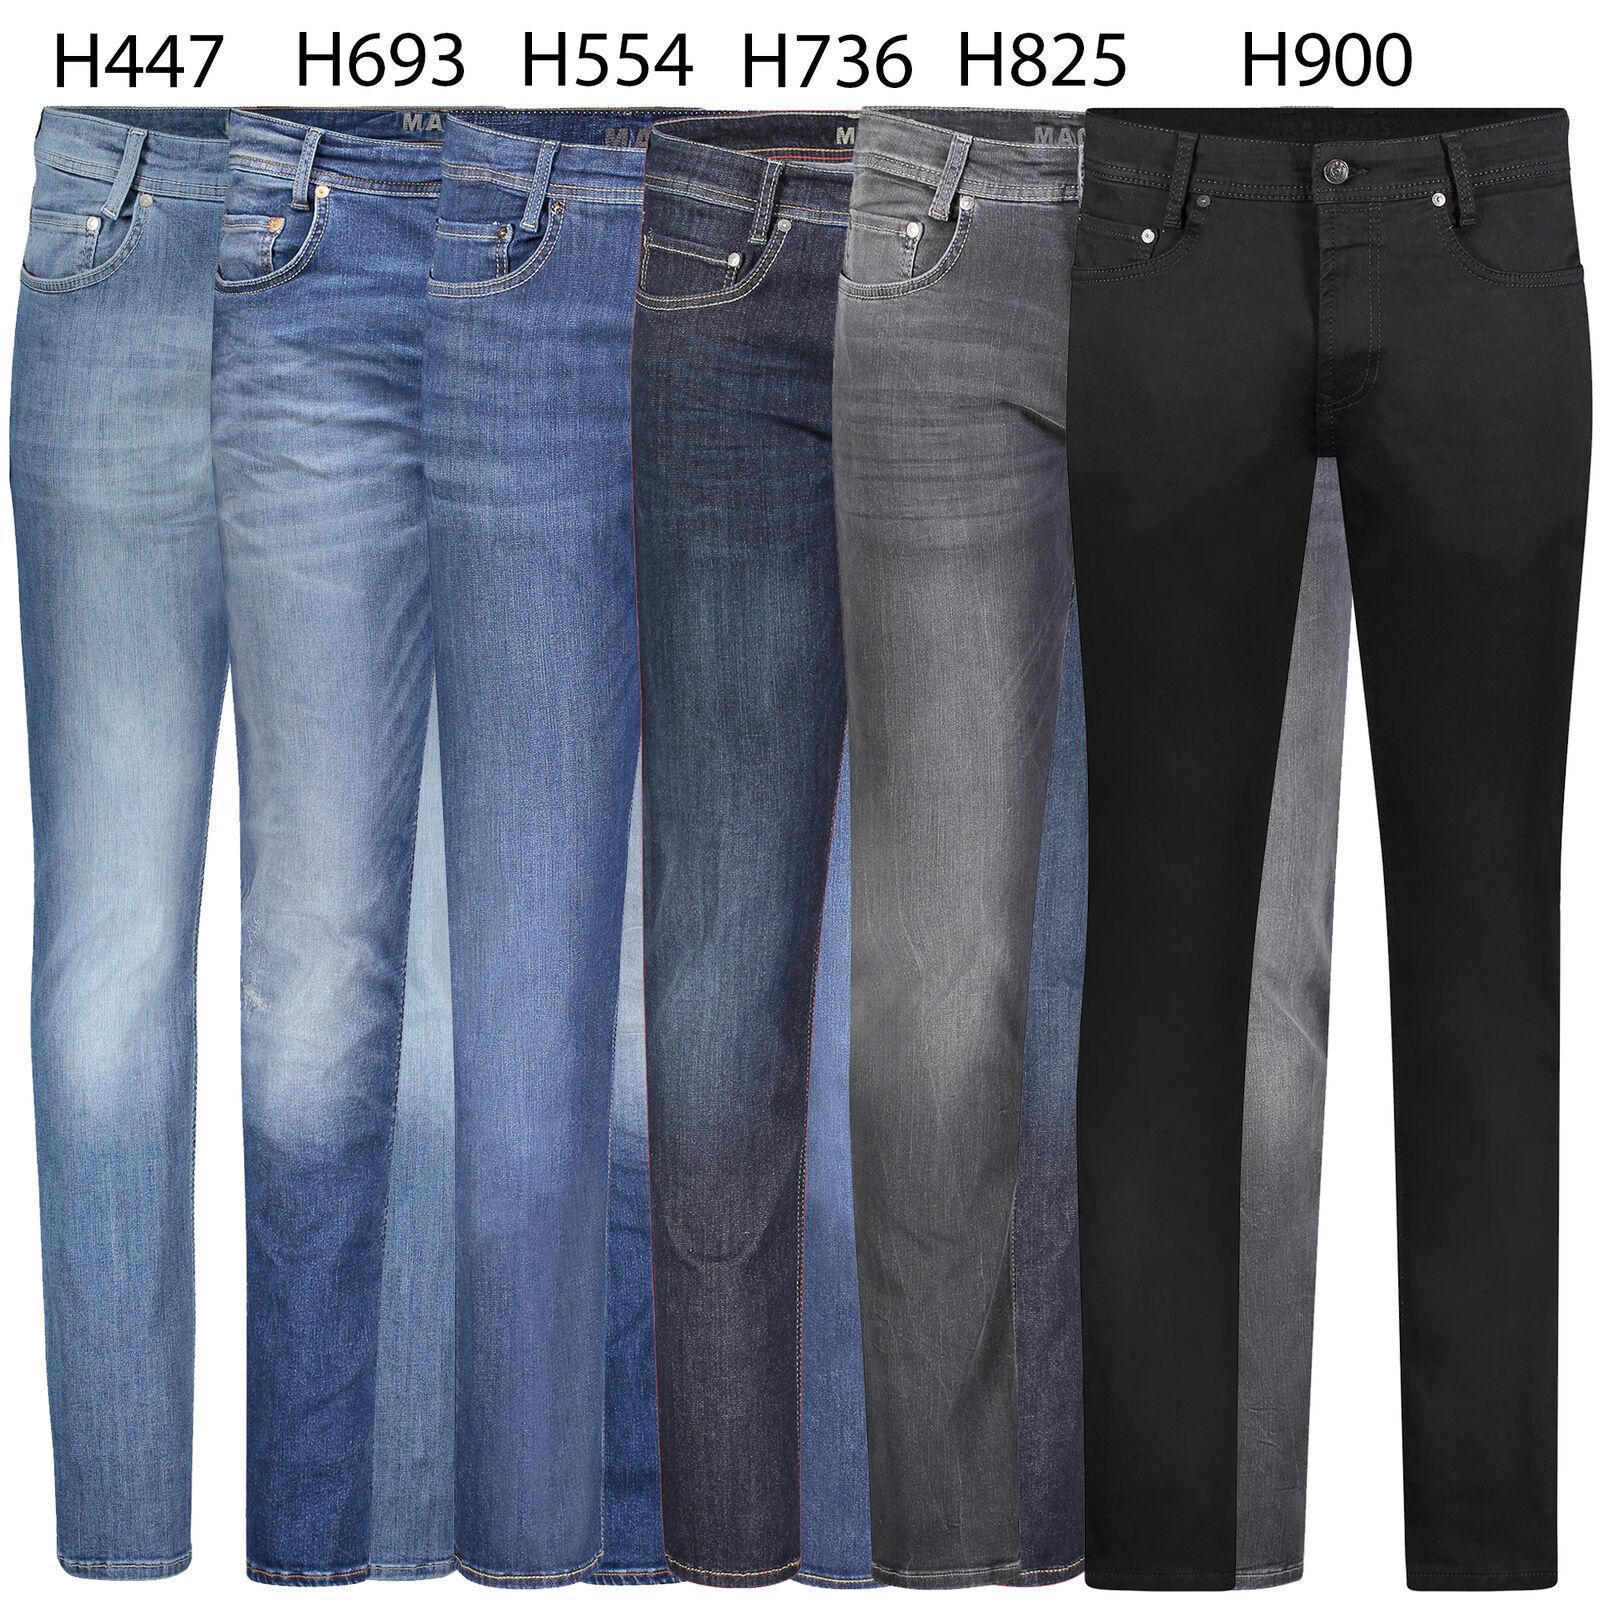 Mac Macflexx - Höchste Flexibility - colors  H447,H693,H554, H736,H825,H900